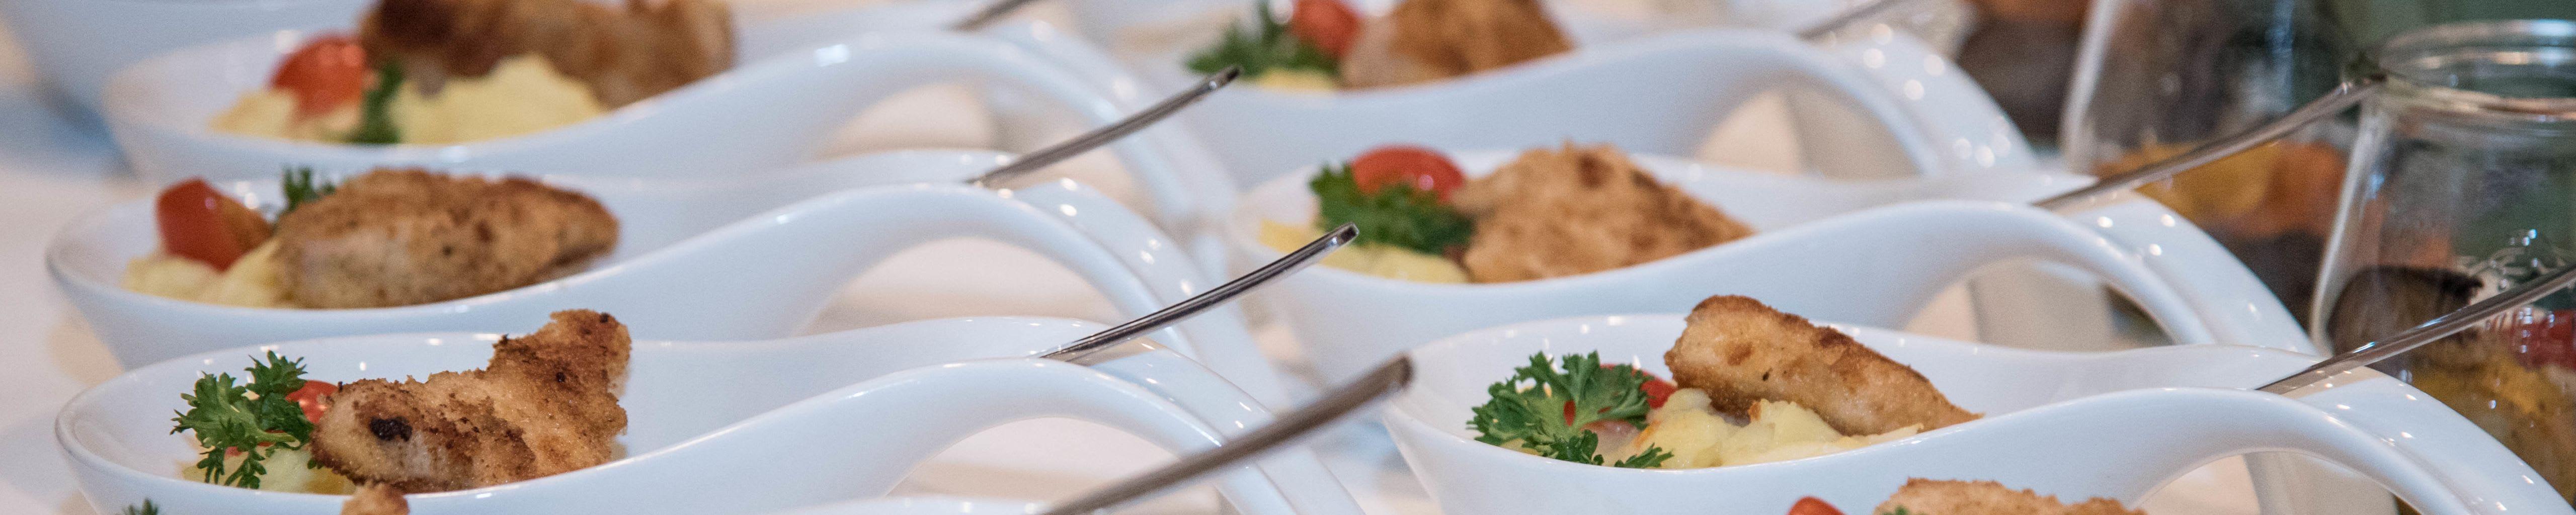 Häppchen mit Schnitzel und Kartoffelsalat Catering